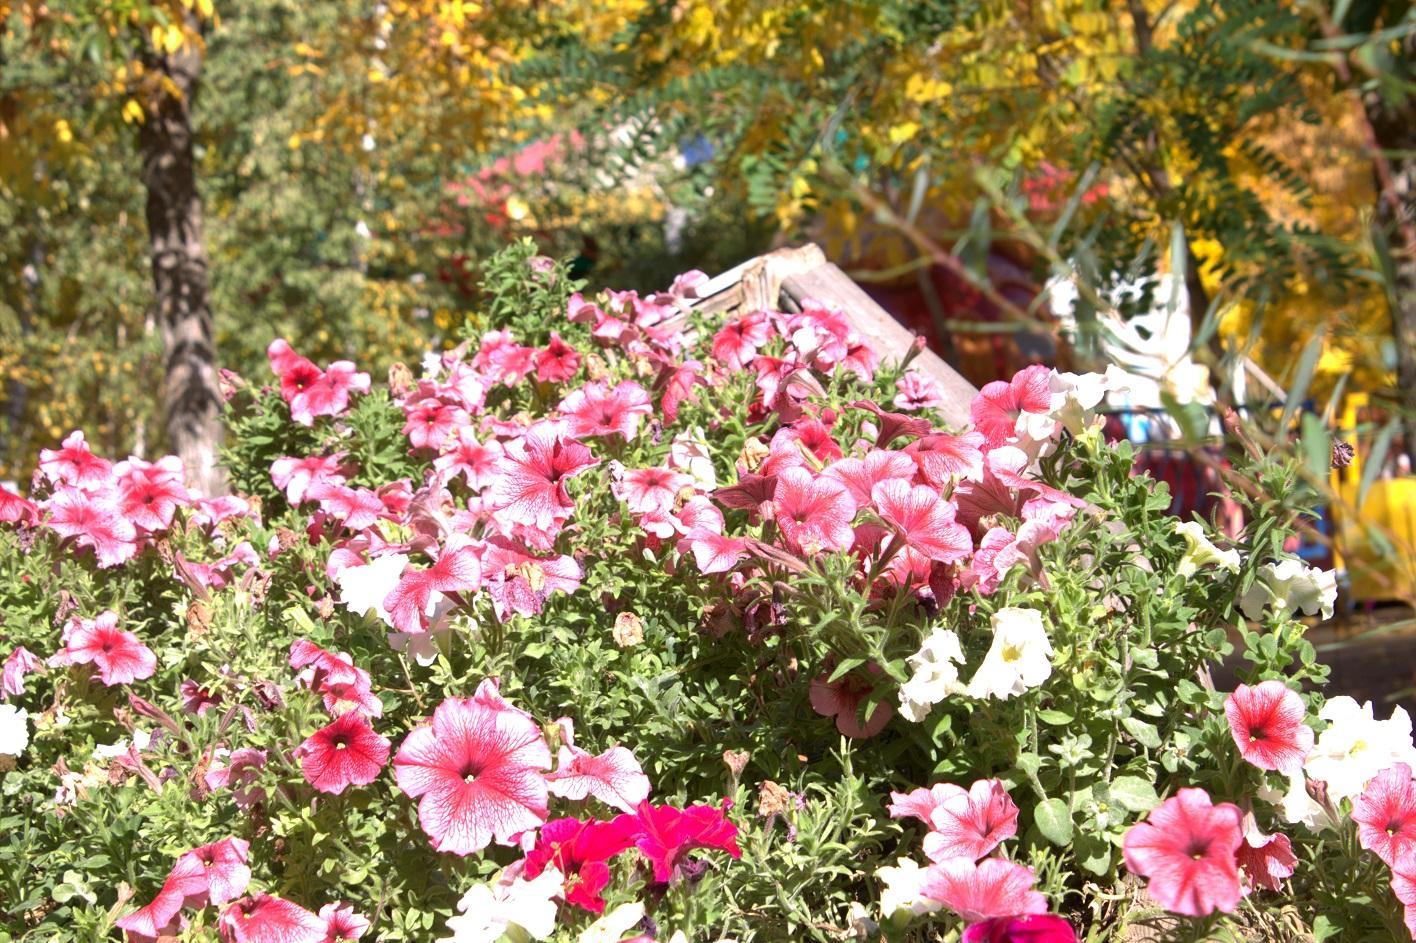 Лодка и цветы - парк ВГС - 5 октября 2016